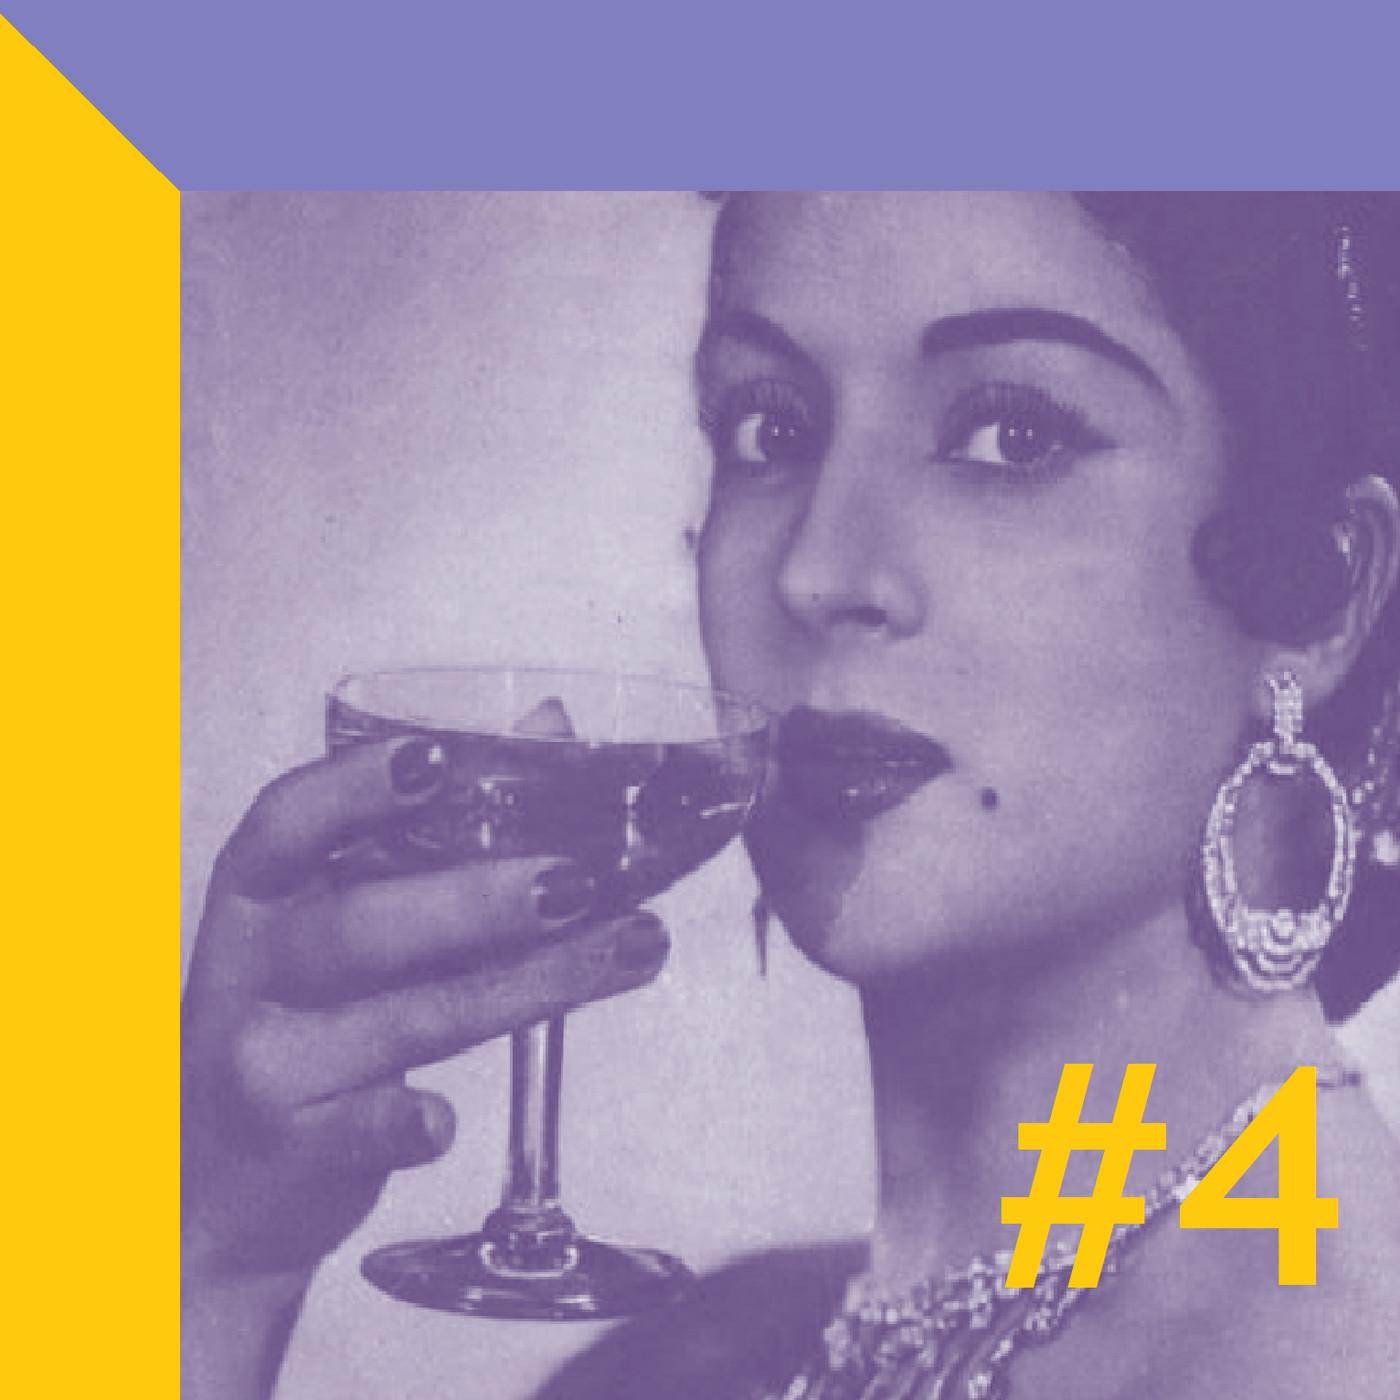 ¡Ay, campaneras! #4 Viva el vino